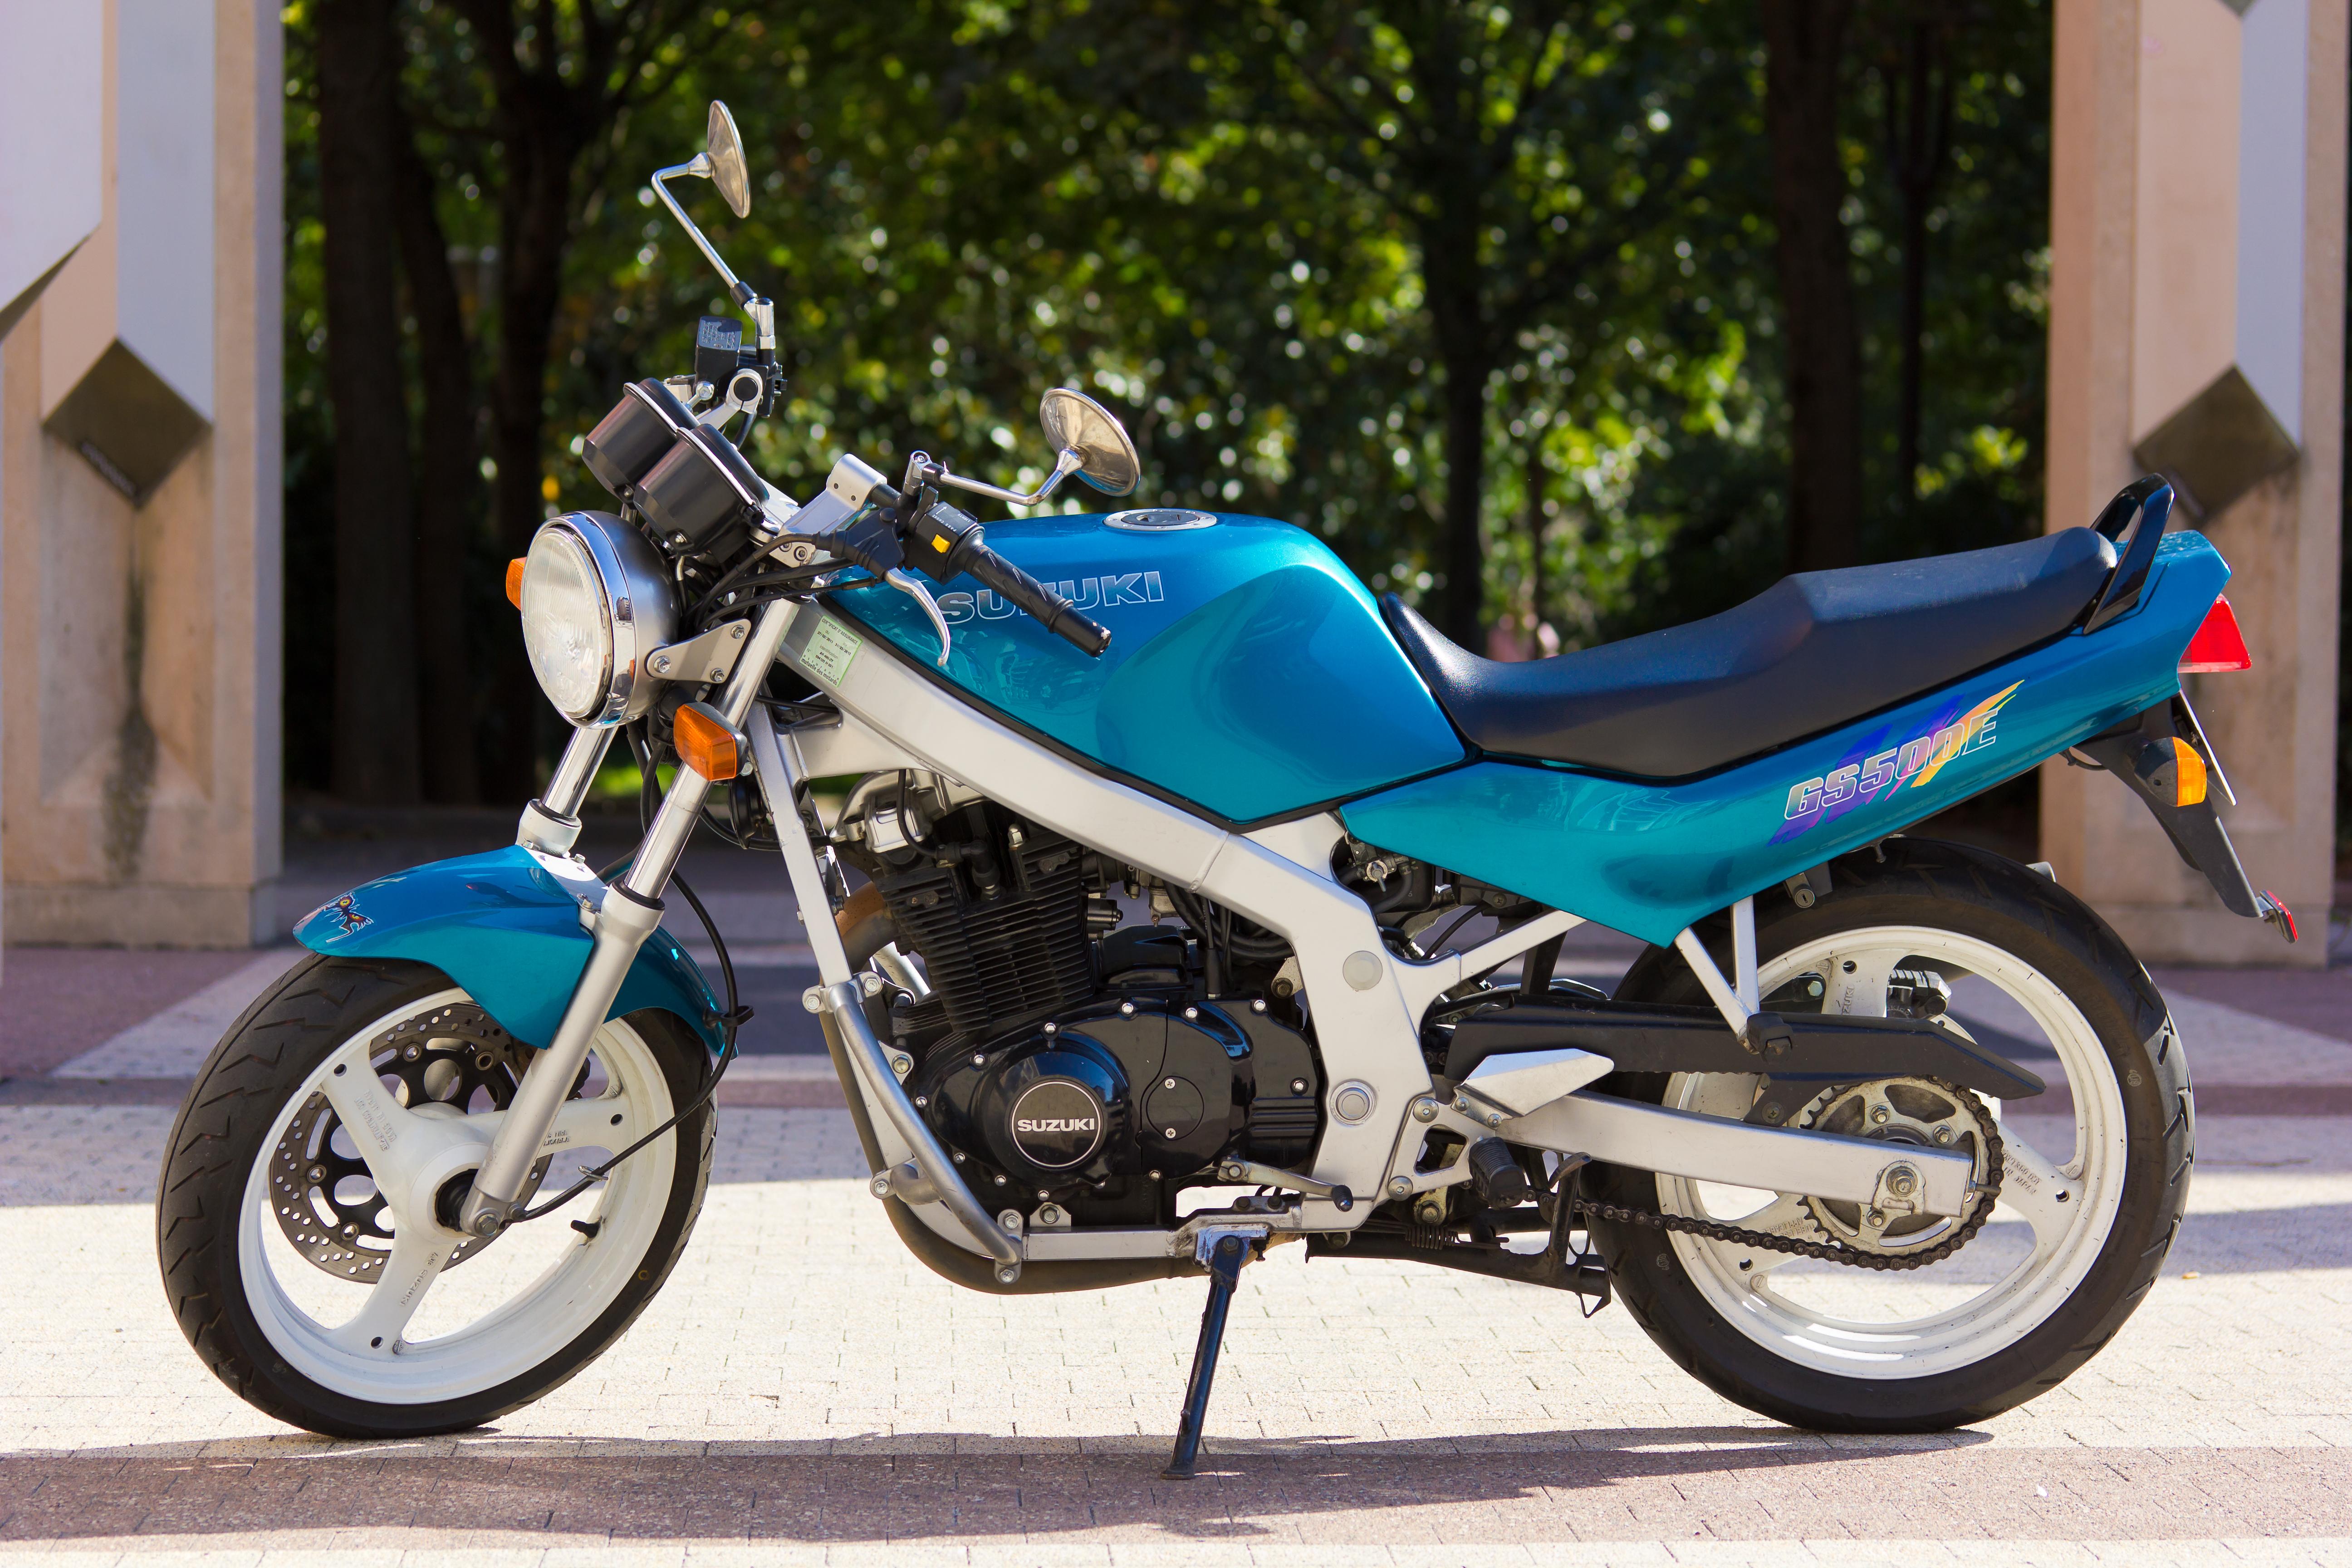 SUZUKI GS 500 E blue